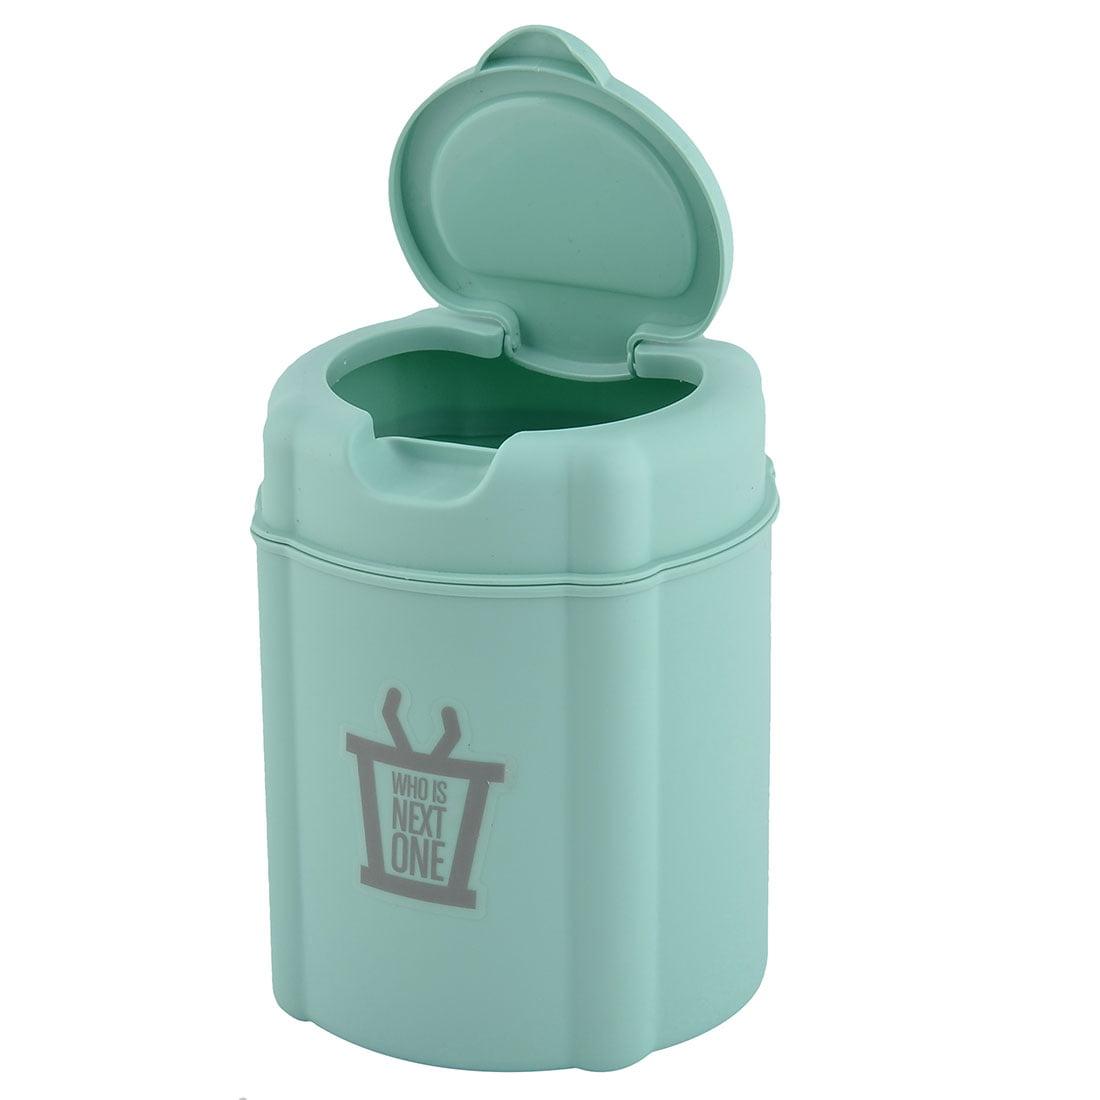 Poubelle Salle De Bain Walmart ~ les d chets m nagers plastique seedcase corbeille ordures poubelle